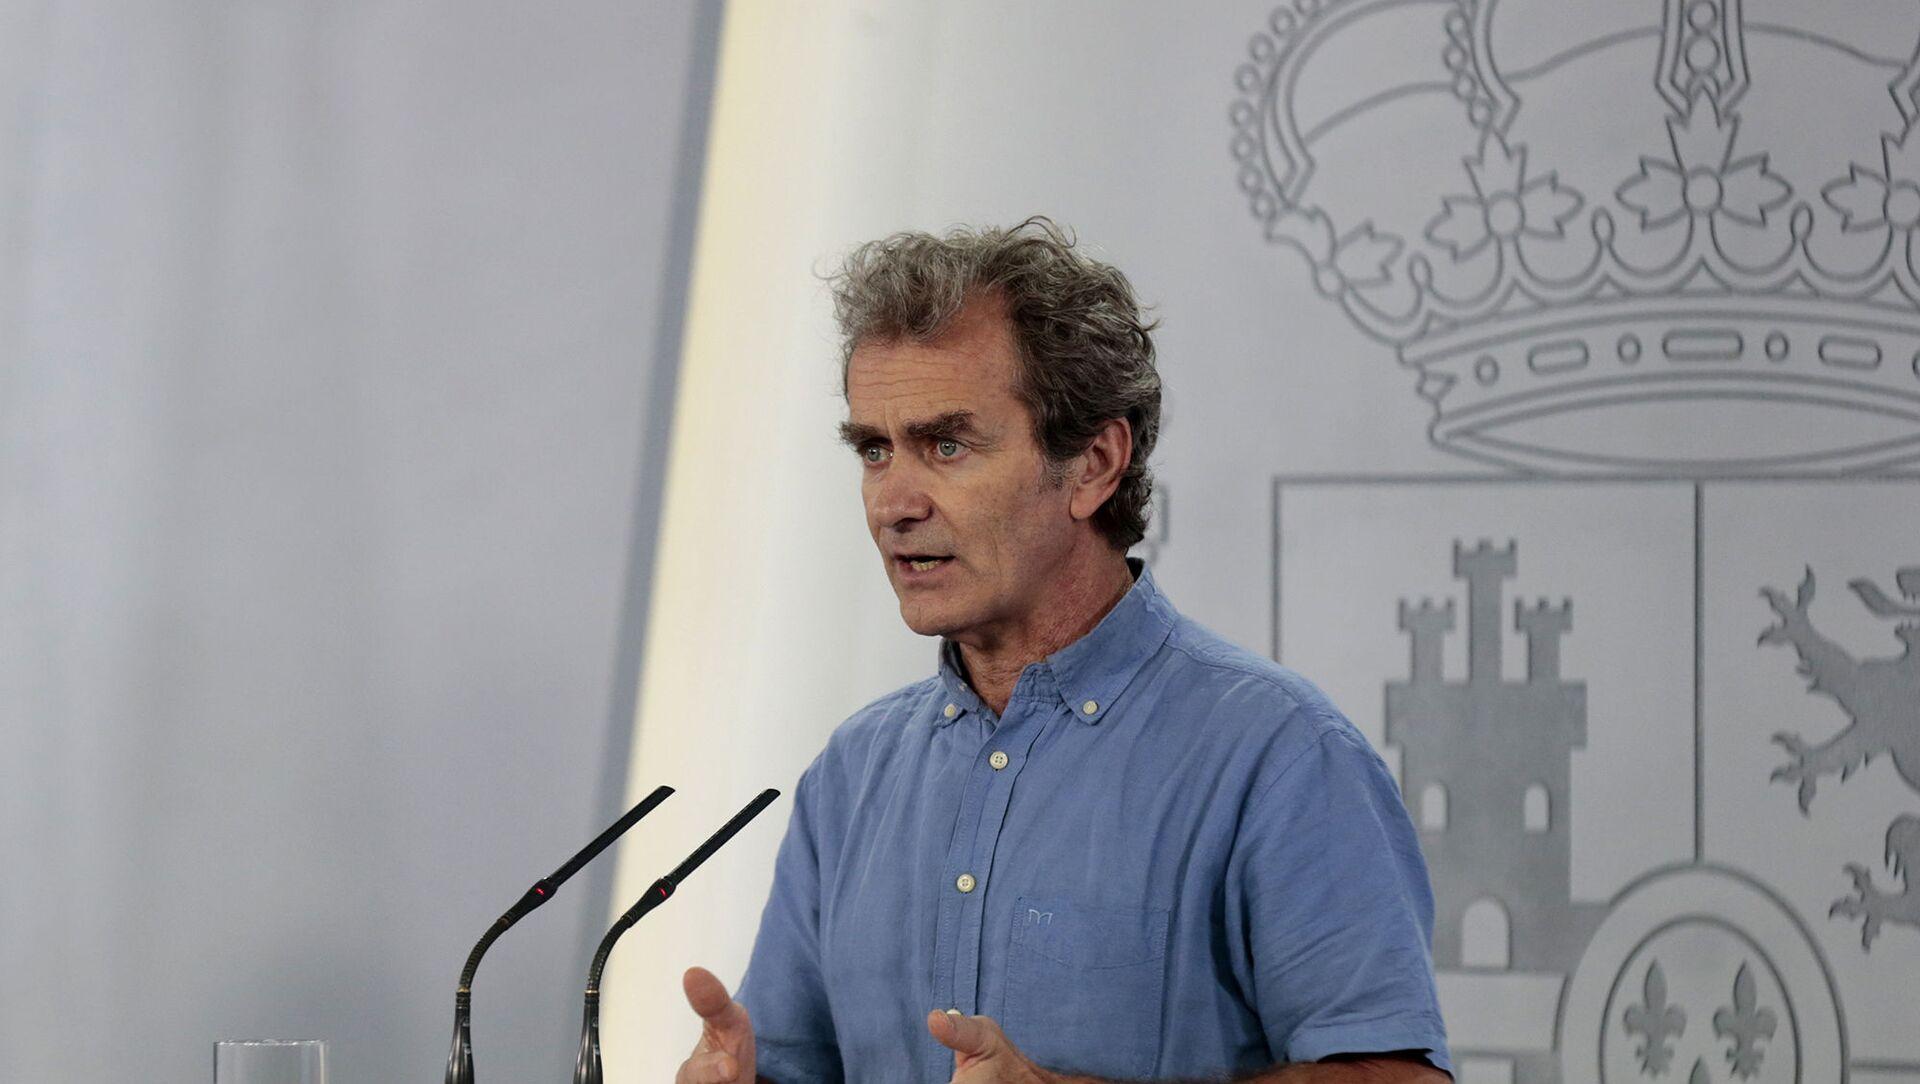 Fernando Simón durante una rueda de prensa para informar sobre la evolución del coronavirus en España - Sputnik Mundo, 1920, 04.02.2021